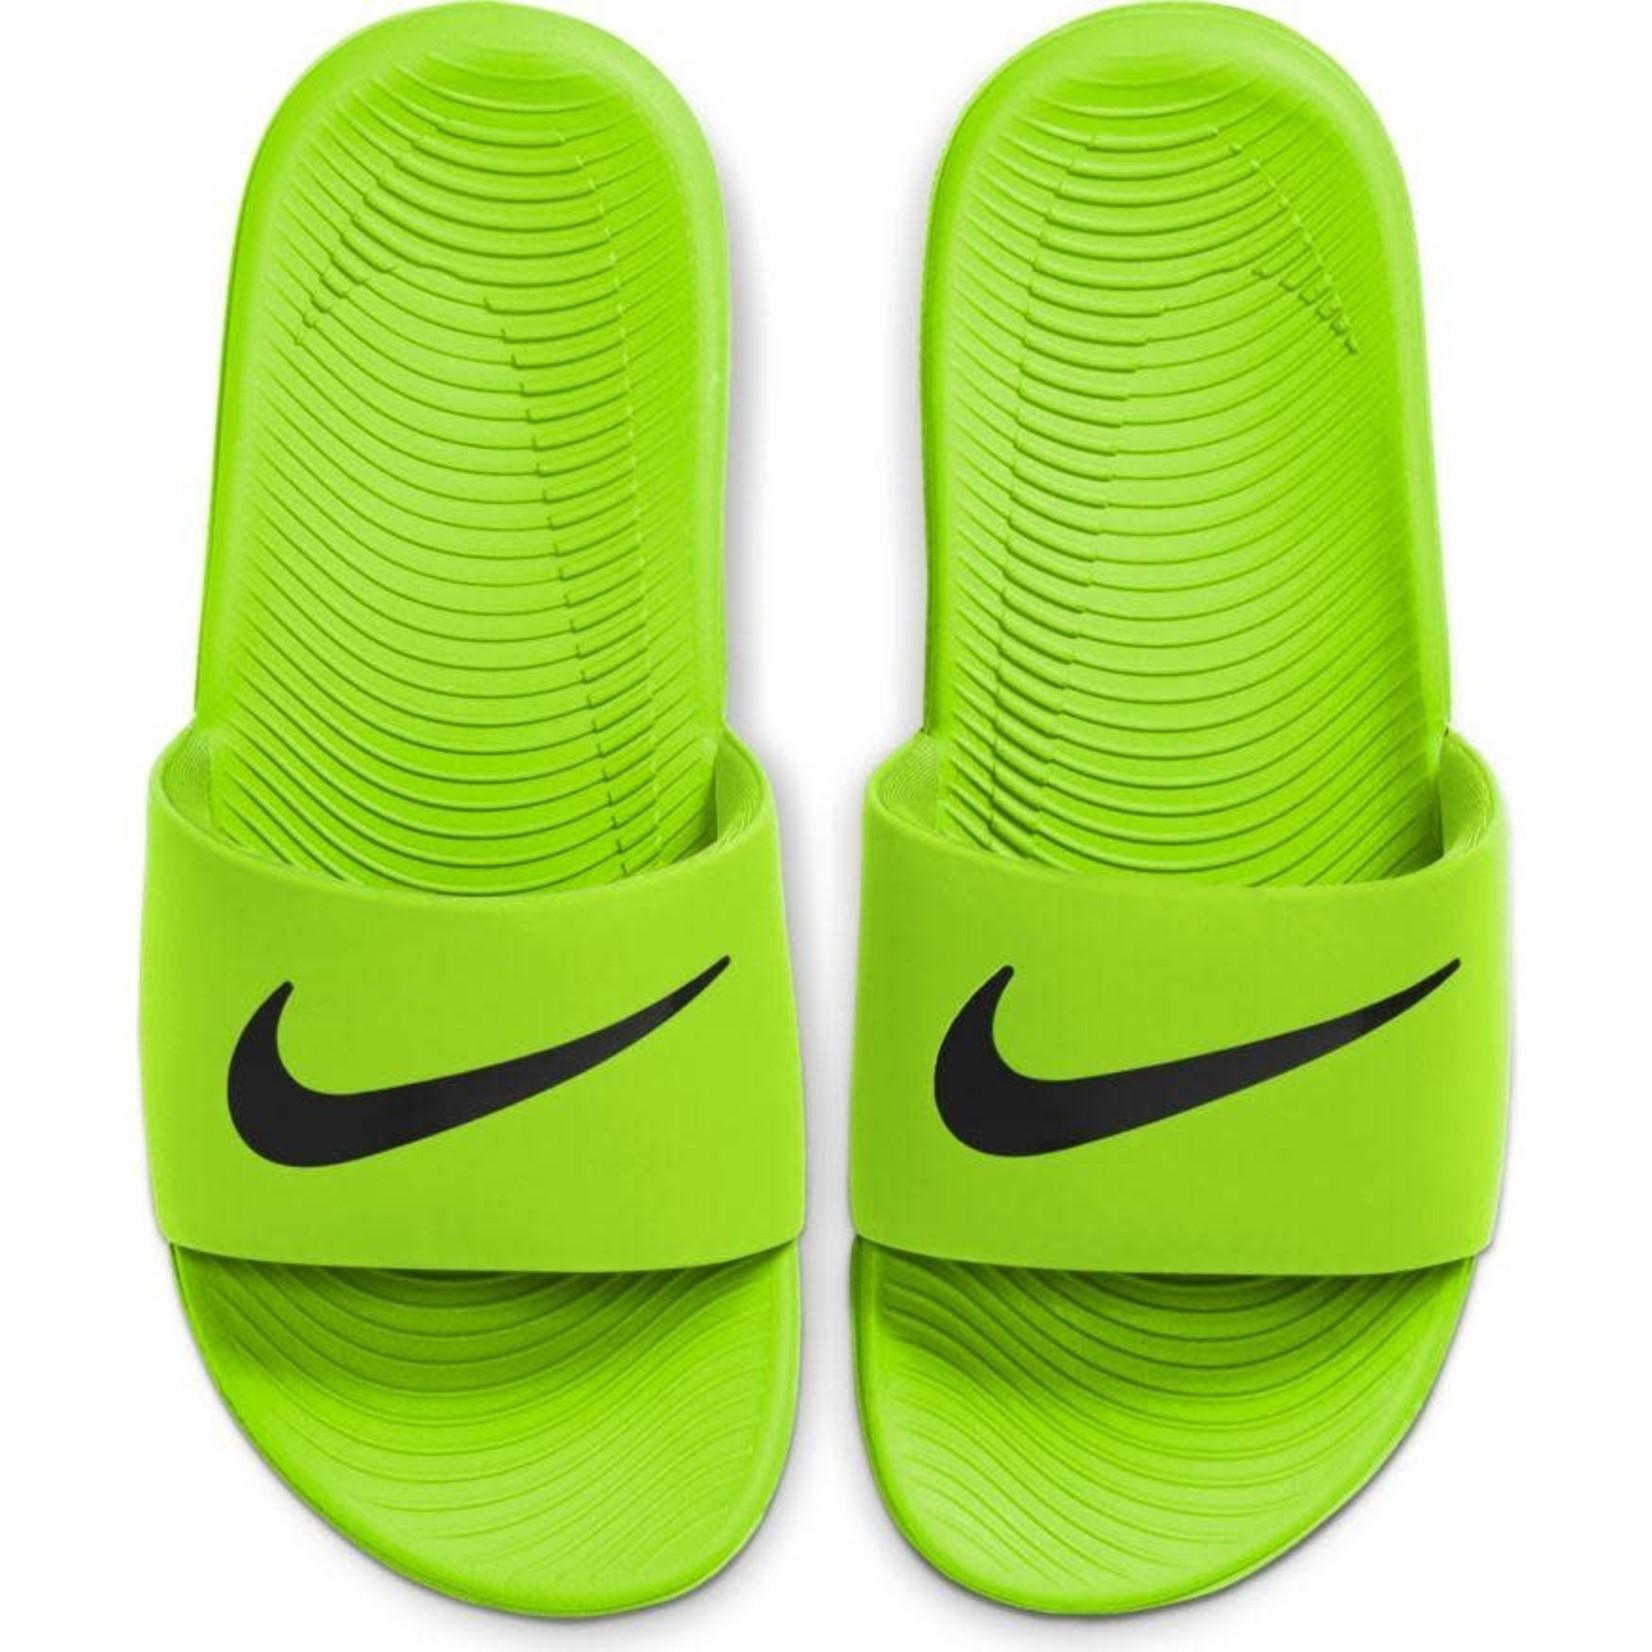 Nike Nike Sandals, Kawa Slide, Boys